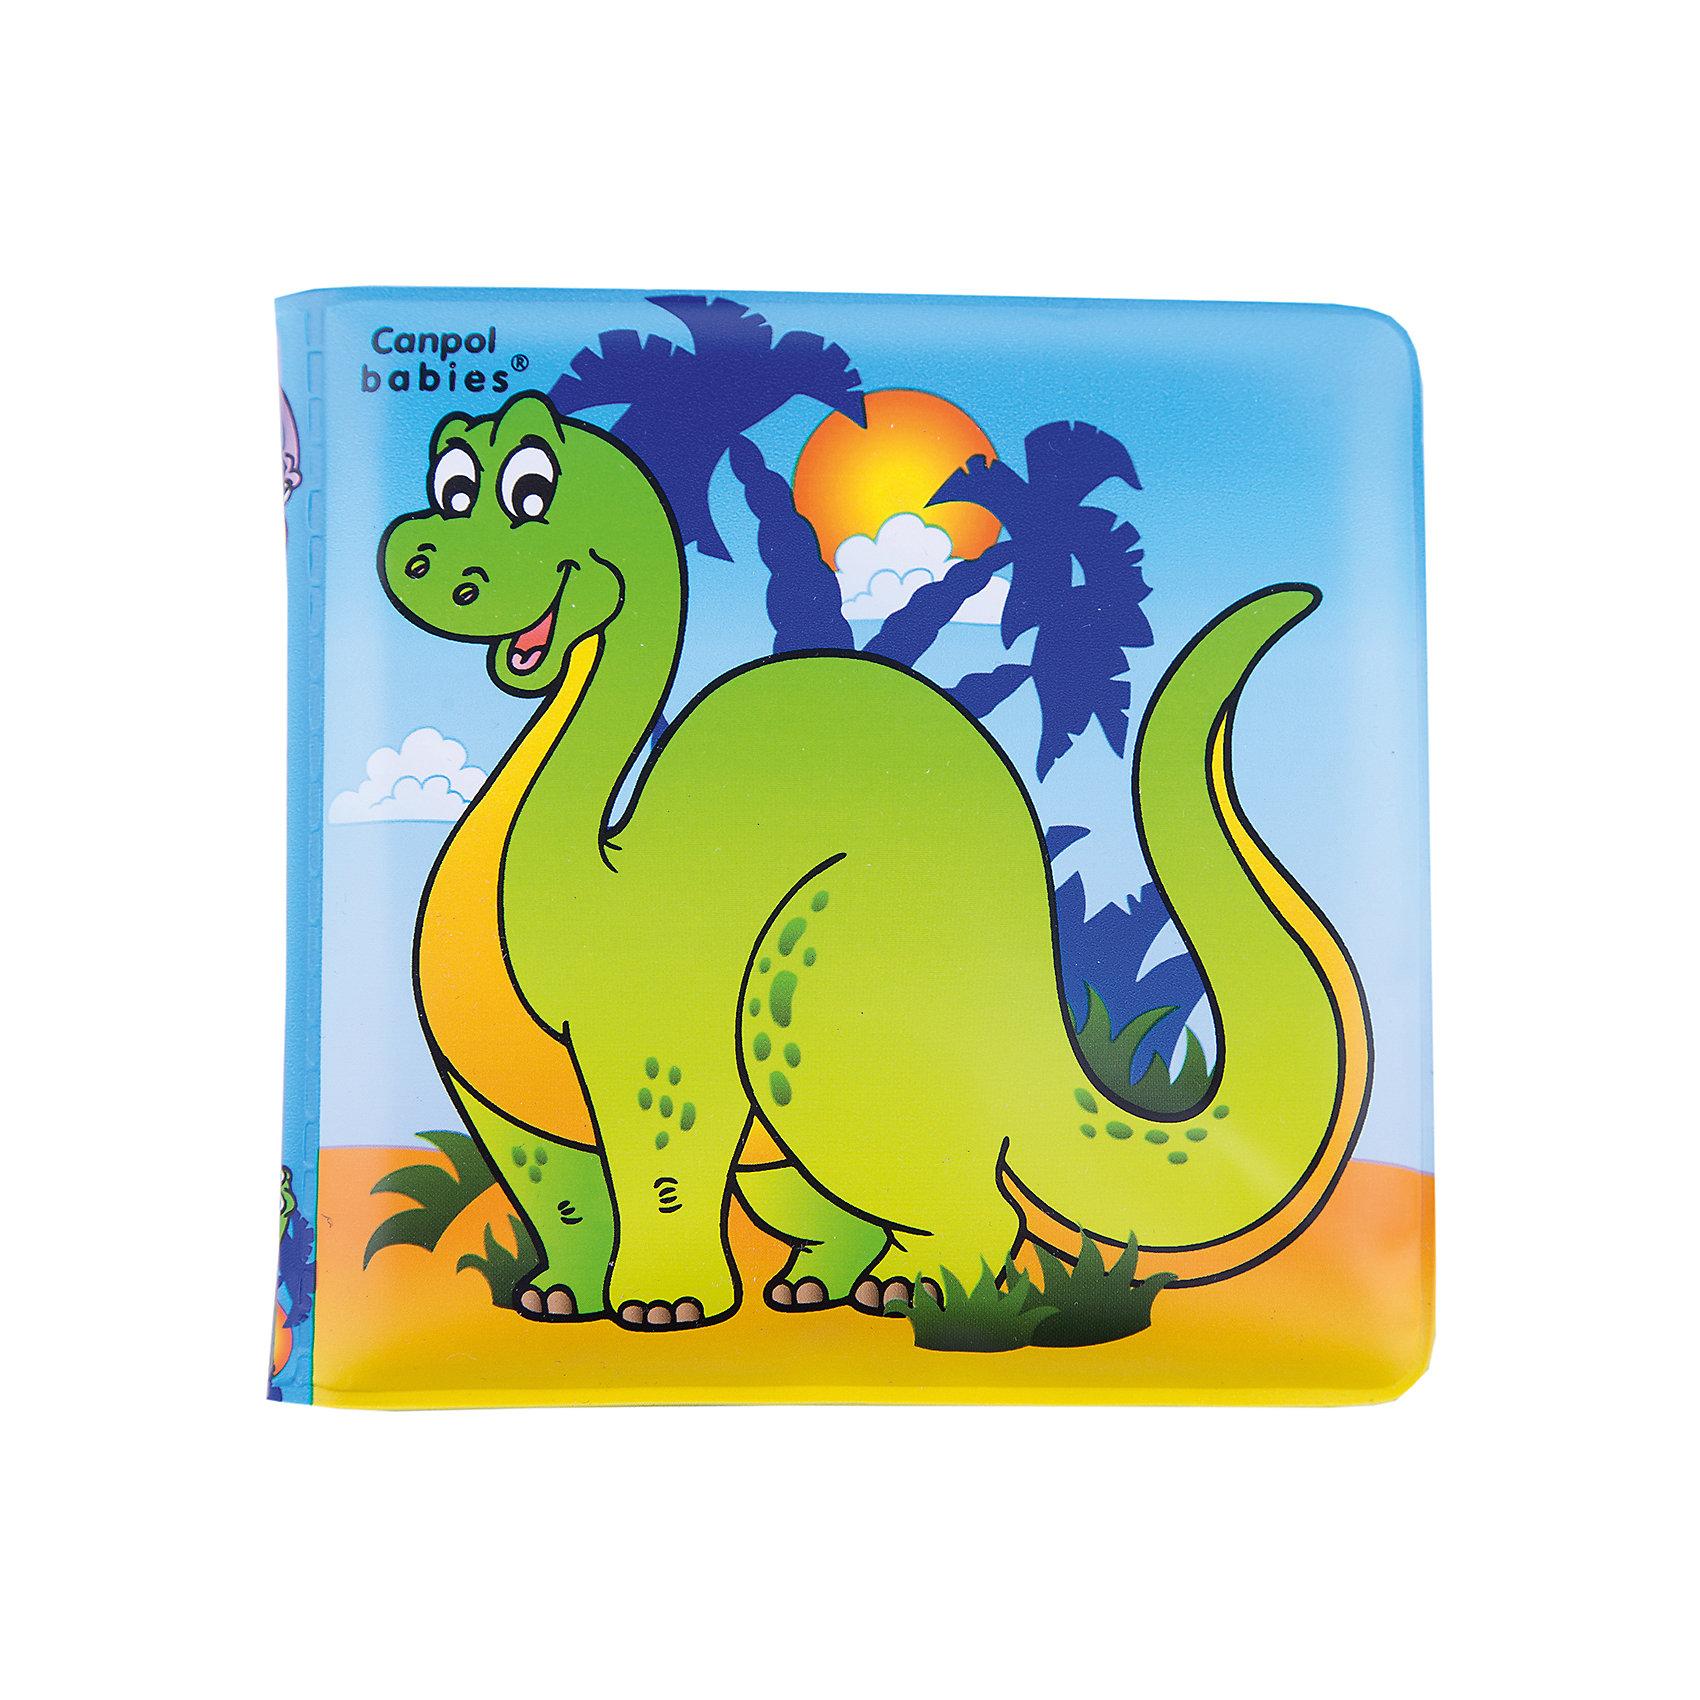 Книжка с пищалкой Динозаврик 6+, Canpol BabiesКнижка с пищалкой, 6+, Canpol Babies (Канпол Бейбис), динозаврик.<br><br>Характеристики:<br>• Материал: мягкий, нетоксичный<br>• Размер: 2см х 13х 20 см.<br>• Возраст: 6+.<br>• Цвет: красочная.<br><br>Книжка с пищалкой, 6+ - красивая книжка для малышей с 6 месяцев. Яркие рисунки заинтересуют ребенка, а звук пищалки дополнительно привлечет внимание. Ребенок с любопытством будет рассматривать цветные картинки, представляющие разные объекты. Данная книжечка иллюстрирована картинками с динозавриком. Играя и рассматривая книжечку,  малыш развивает цветовое восприятие и координацию движений. Книжка изготовлена из безопасных, нетоксичных материалов, ее легко содержать в чистоте и даже можно брать ее с собой в ванну.<br><br>Книжку с пищалкой, 6+, Canpol Babies (Канпол Бейбис), динозаврик можно купить в нашем интернет – магазине.<br><br>Ширина мм: 137<br>Глубина мм: 20<br>Высота мм: 220<br>Вес г: 300<br>Возраст от месяцев: 6<br>Возраст до месяцев: 36<br>Пол: Унисекс<br>Возраст: Детский<br>SKU: 5156828